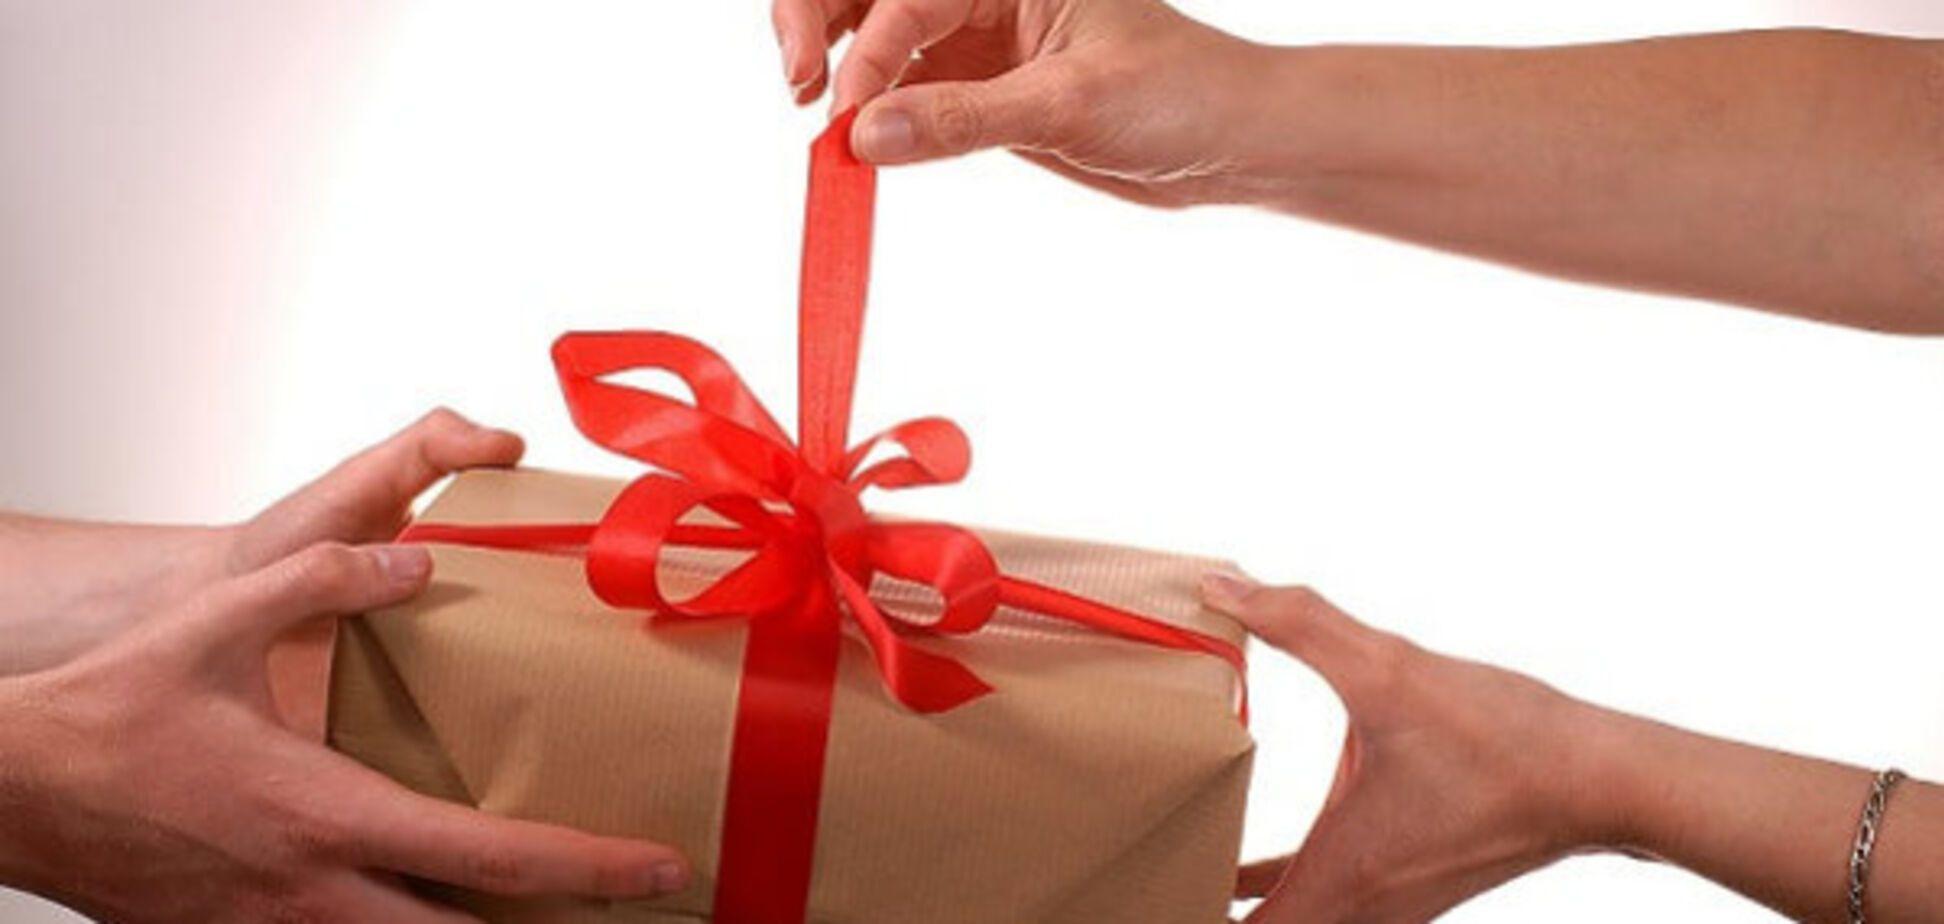 Запорожец на день рождения получил неожиданный 'подарок'